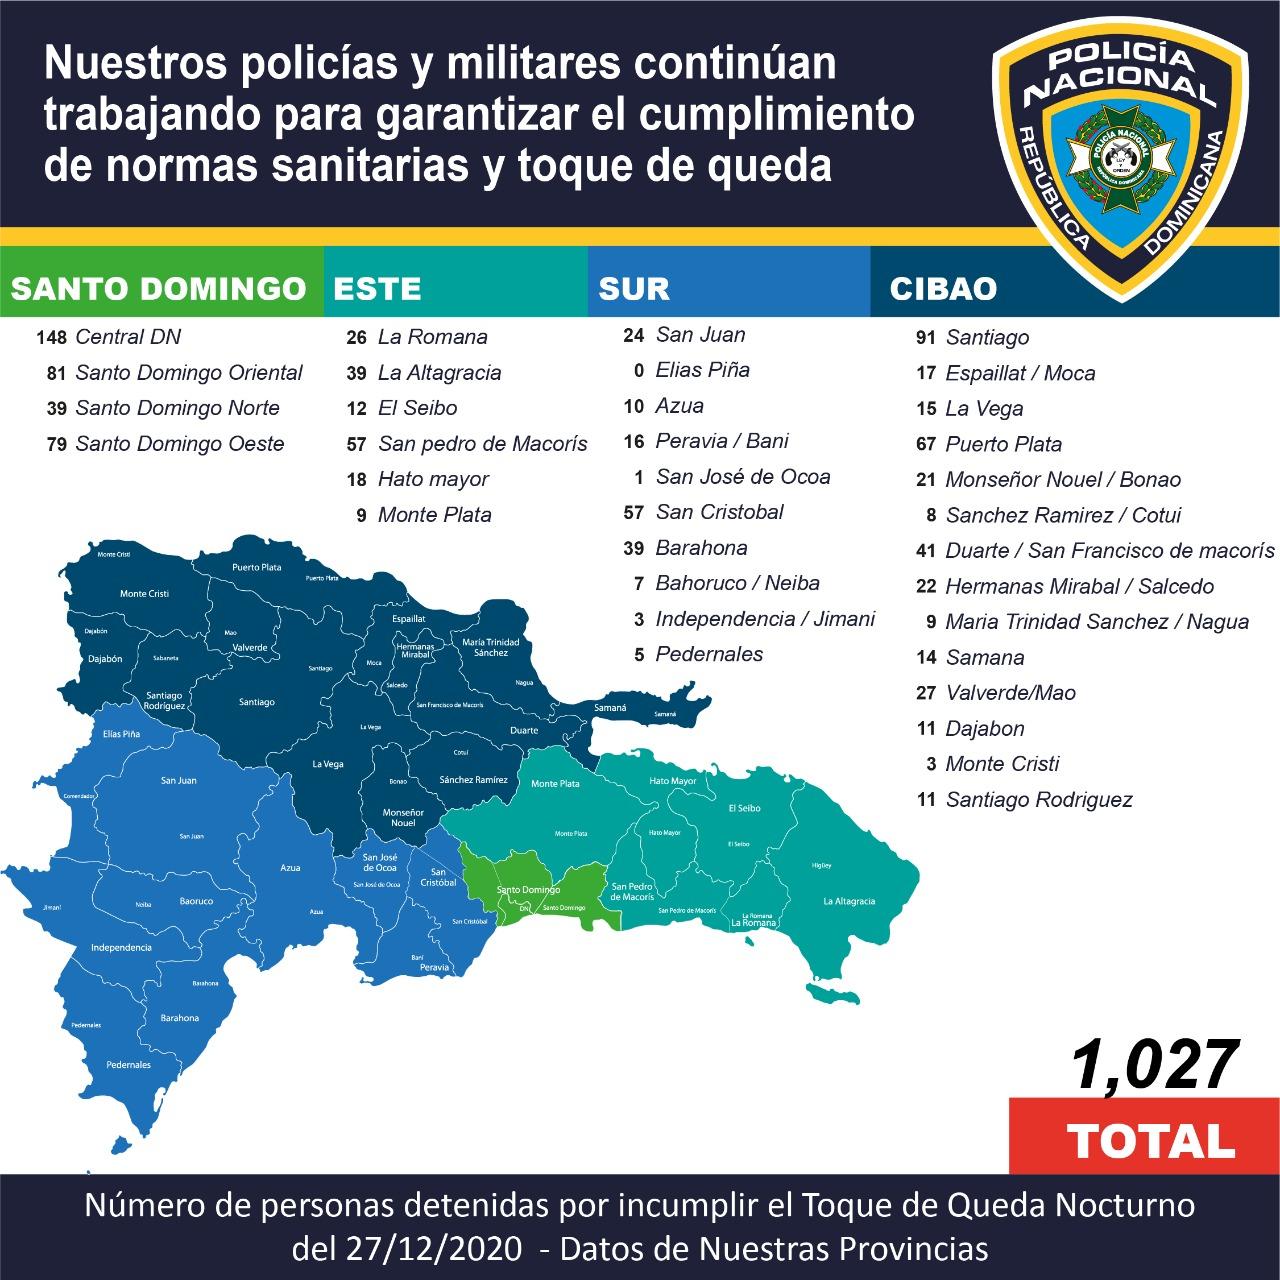 Policía Nacional detiene a 1,027 personas por violentar el toque de queda